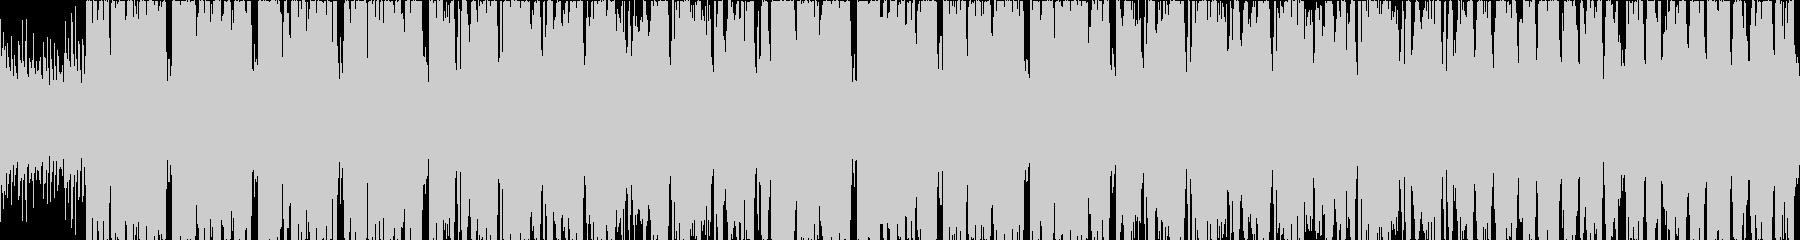 明るく活気のあるケルト音楽の未再生の波形